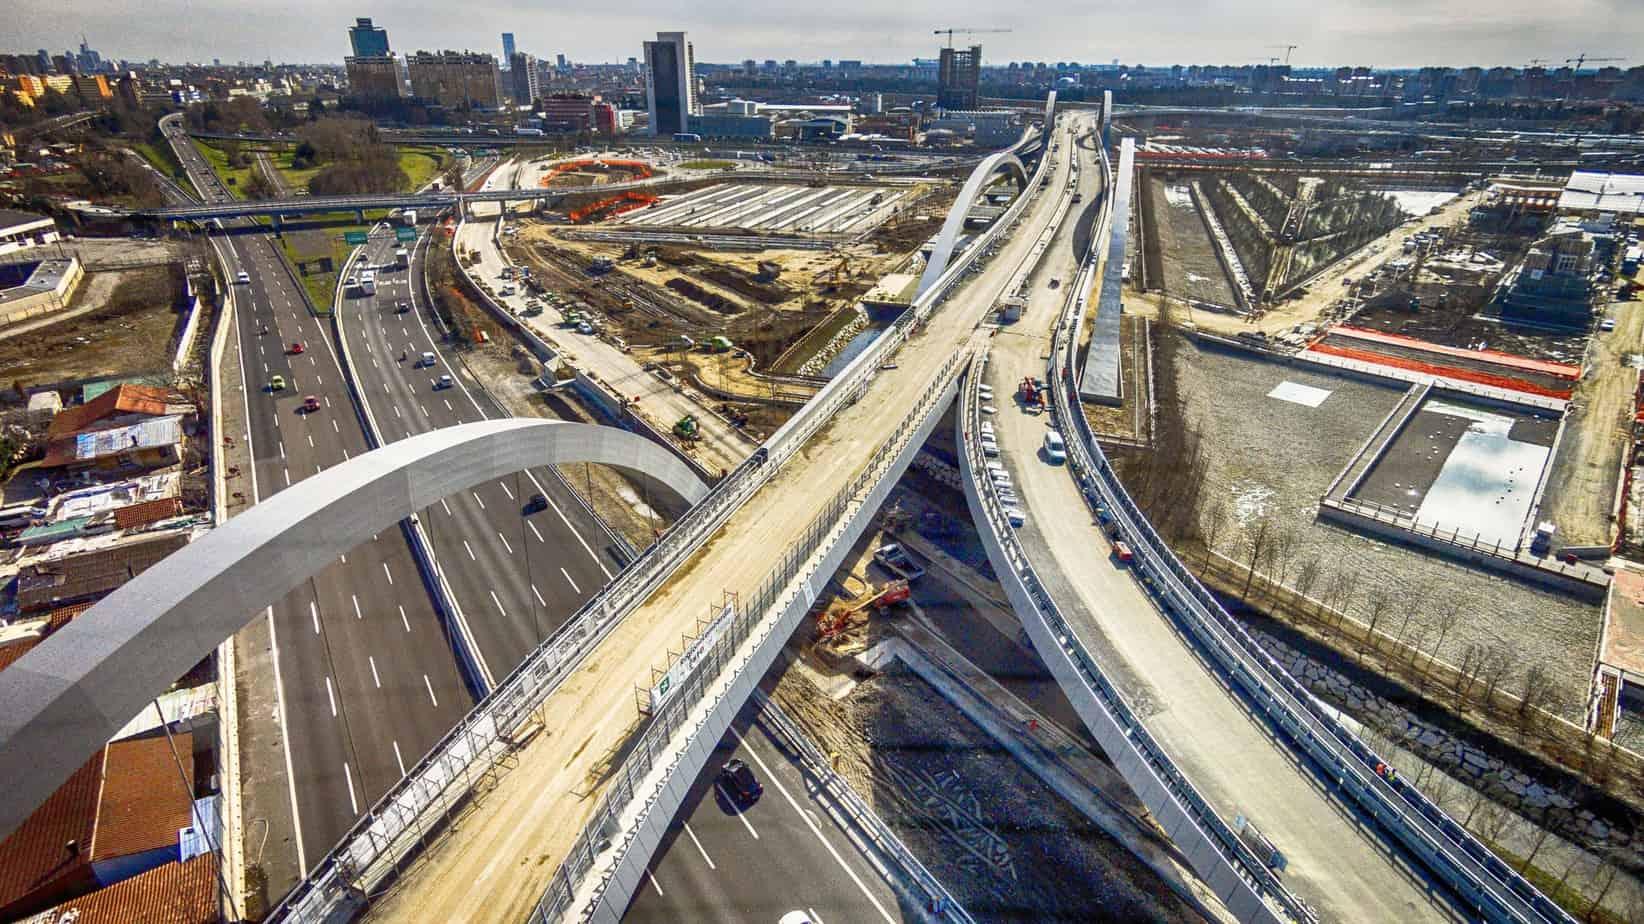 L'ultimo viadotto a singola carreggiata collega il viadotto Expo con le due rampe di svincolo all'Autostrada A8. In basso a sinistra, il ponte ad arco dissimmetrico rispetto all'impalcato per lo scavalco della A8 Milano-Laghi